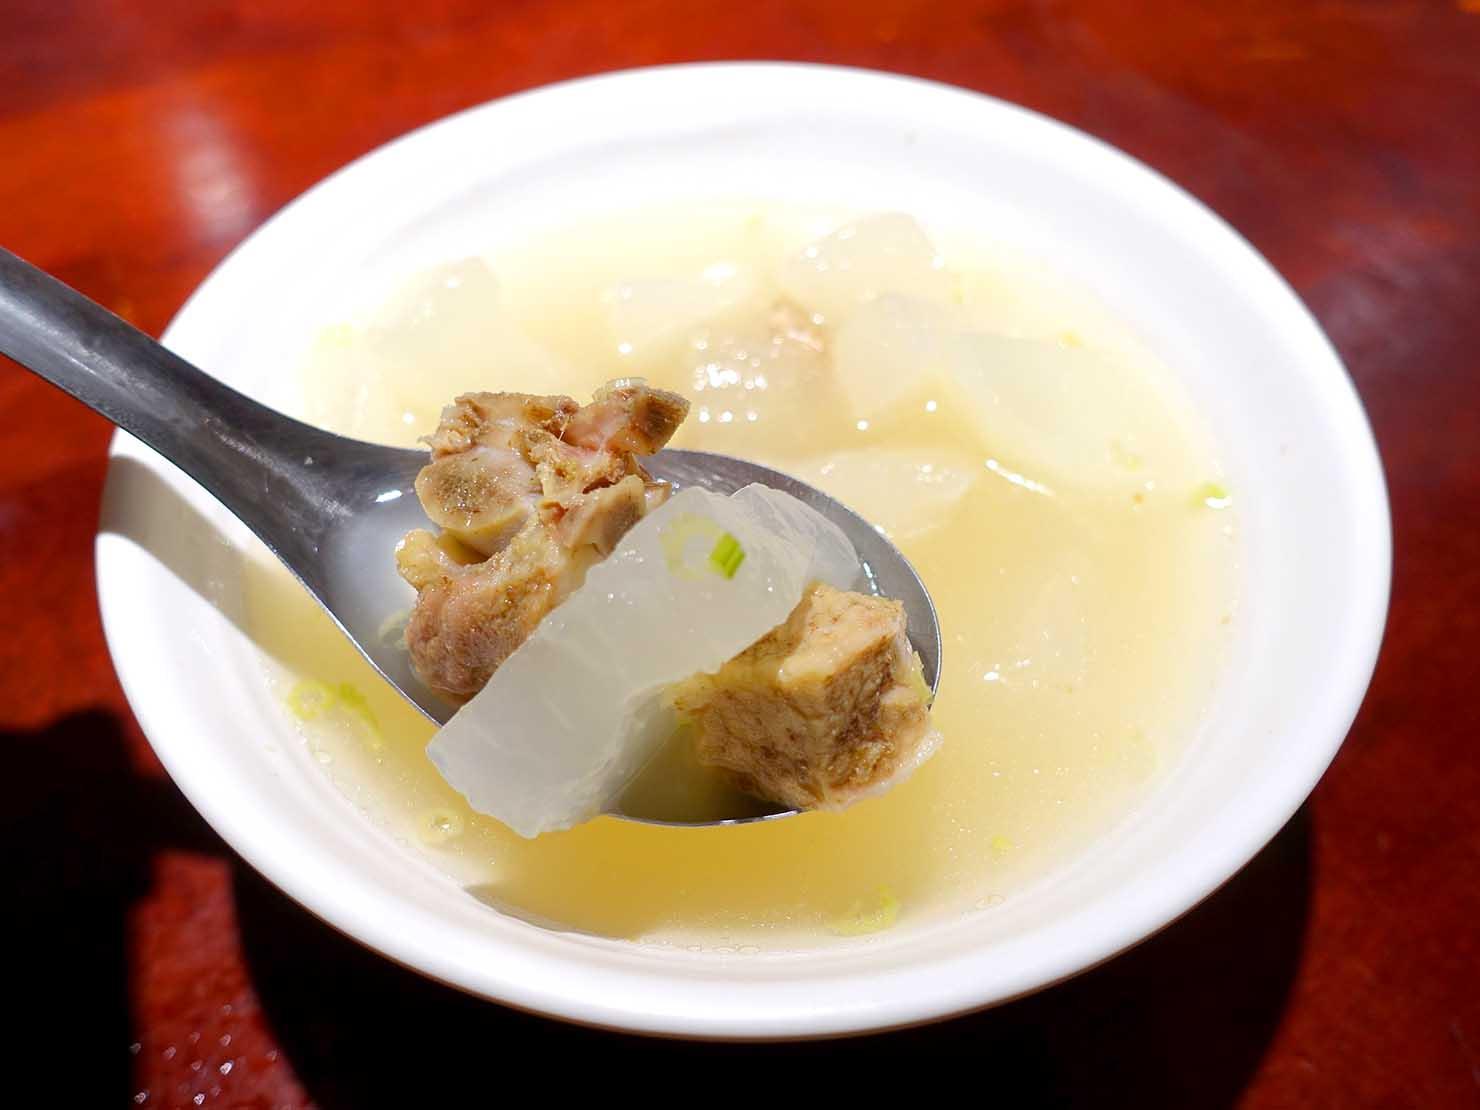 台北駅裏エリア(後站)のおすすめグルメ店「大稻埕魯肉飯」の蘿蔔排骨湯